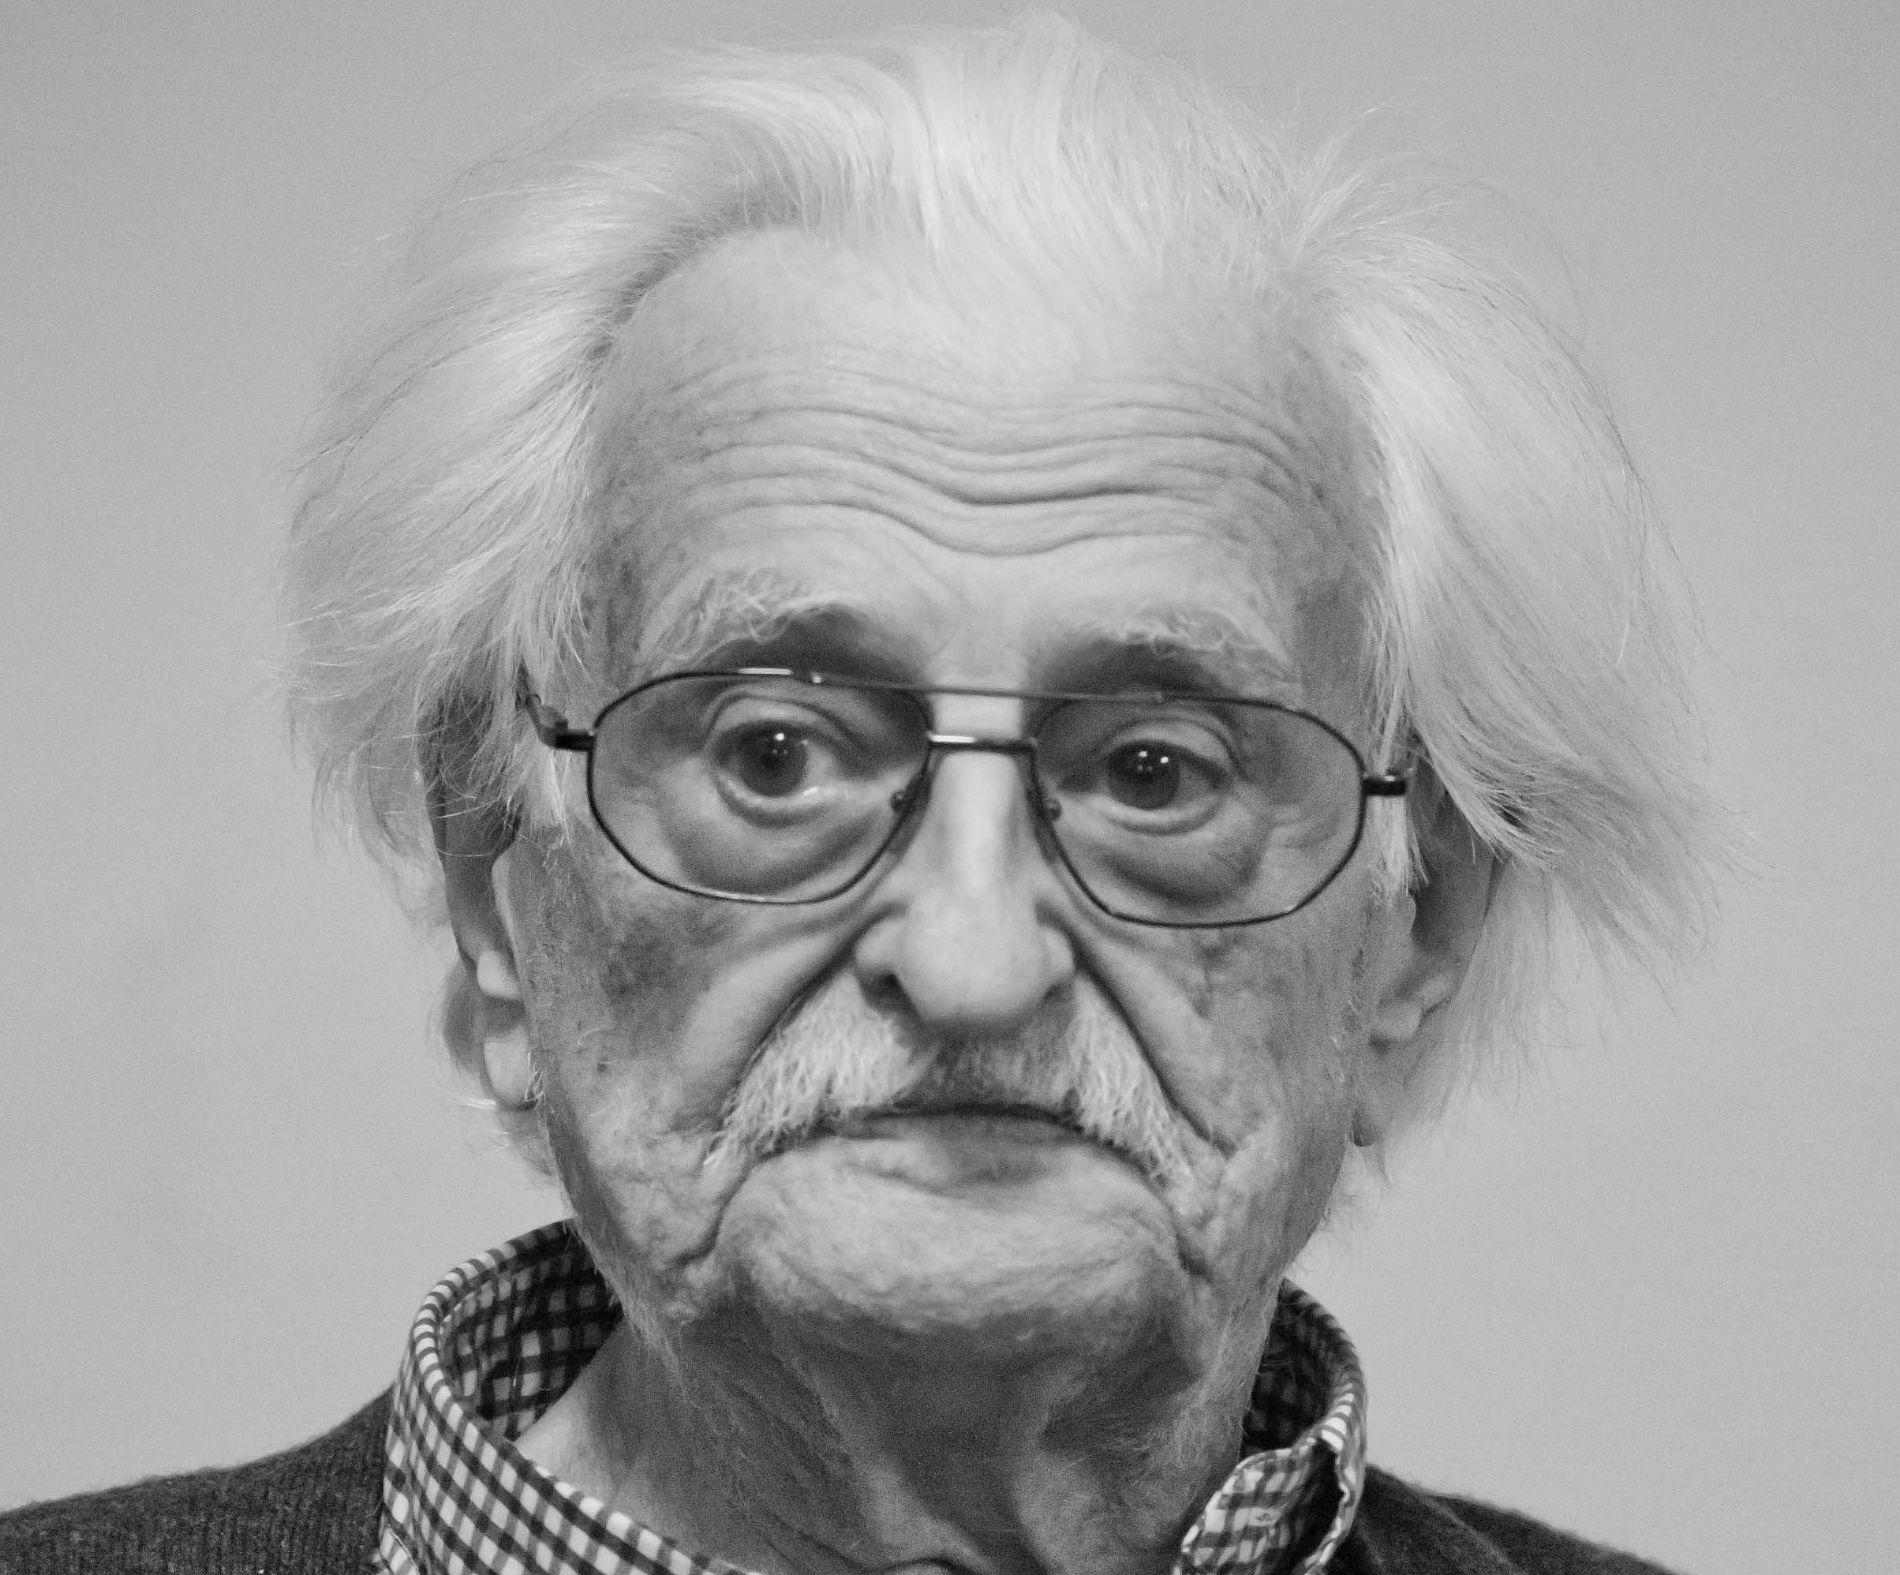 Марлен Хуциев ©Фото Dmitry Rozhkov с сайта commons.wikimedia.org